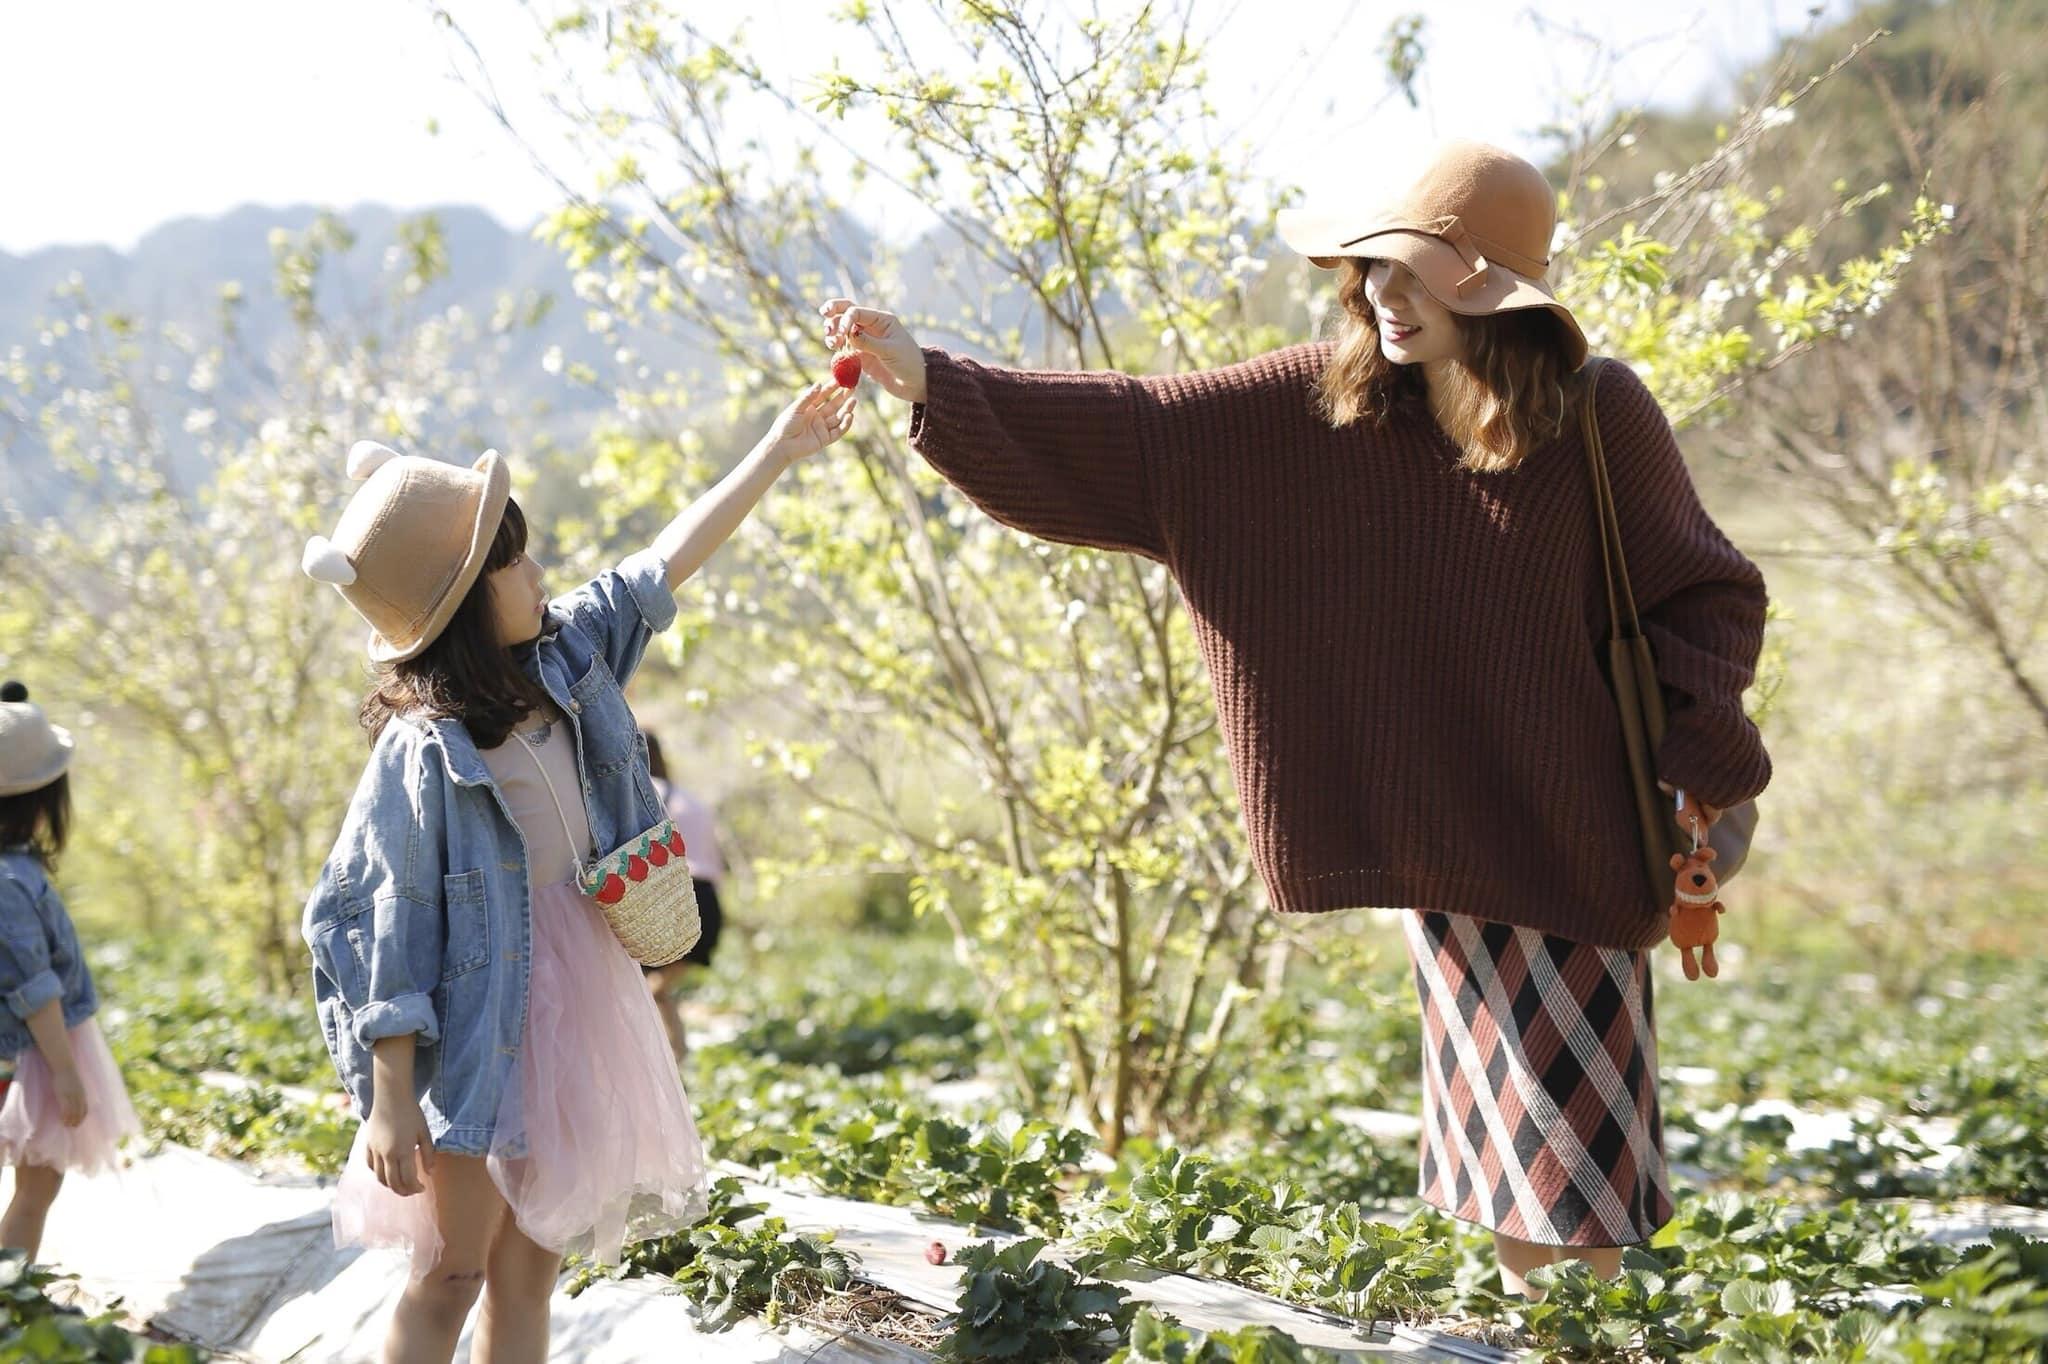 Hái dâu cùng các bé là một trong những trải nghiệm thú vị tại Mộc Châu được nhiều người yêu thích. (Ảnh: Review Mộc Châu)